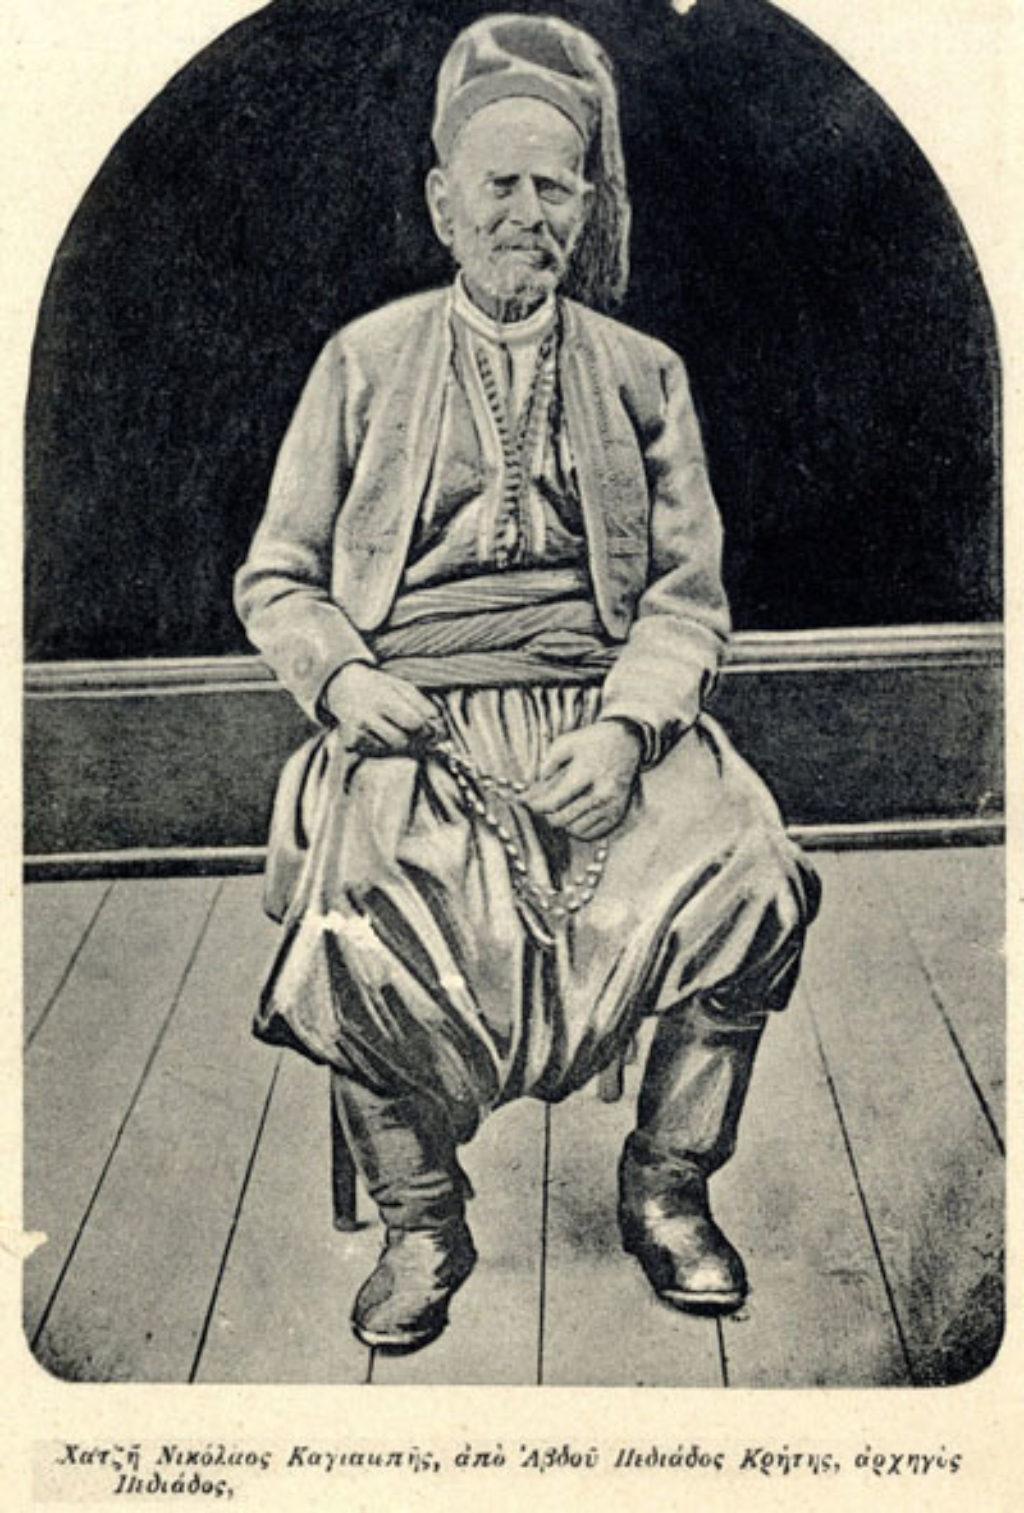 Ο Χατζή Νικόλαος Καγιαμπής πολέμησε μαζί με δεκάδες άλλους Κρητικούς στη μάχη του Αναλάτου, στο Φάληρο, τον Μάιο του 1827